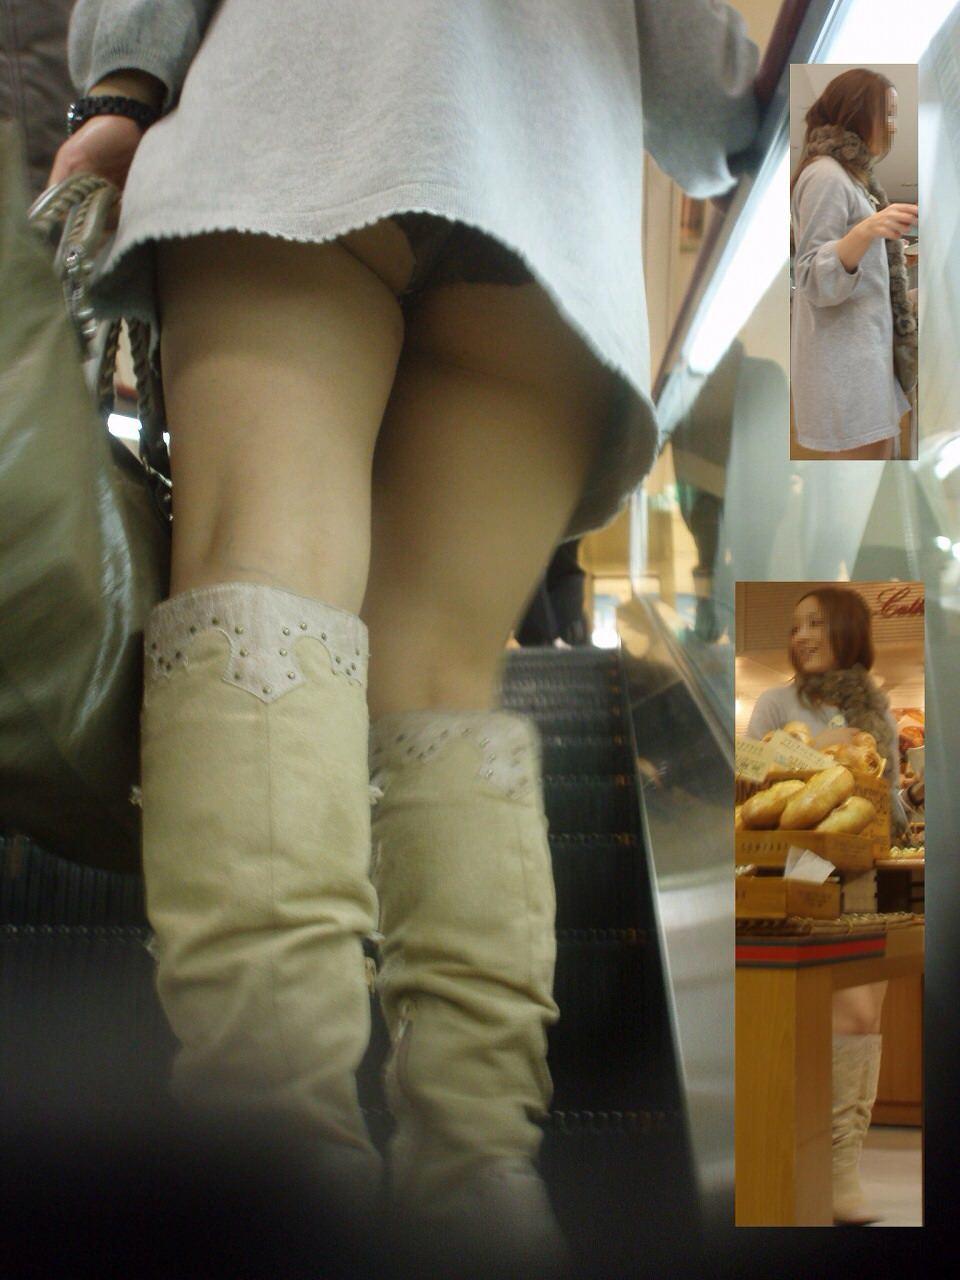 パンチラスポットのエスカレーターで素人お姉さんのパンツをガチ盗み撮りwww 18127